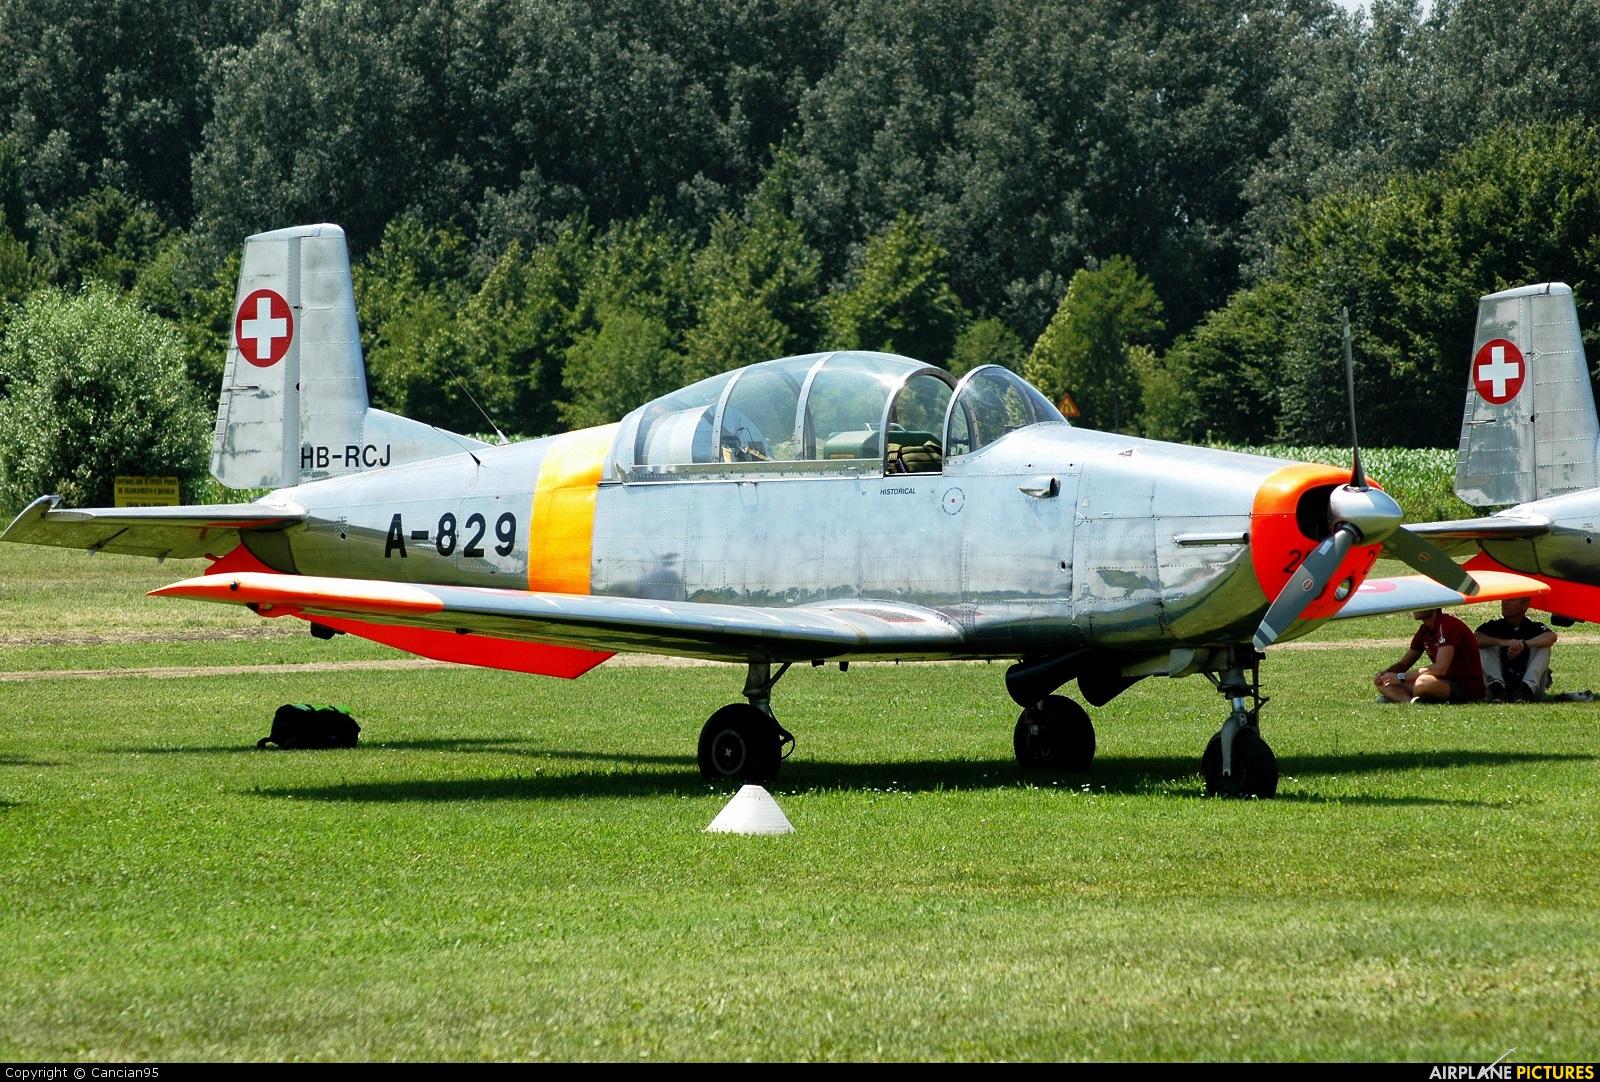 Private HB-RCJ aircraft at Montagnana